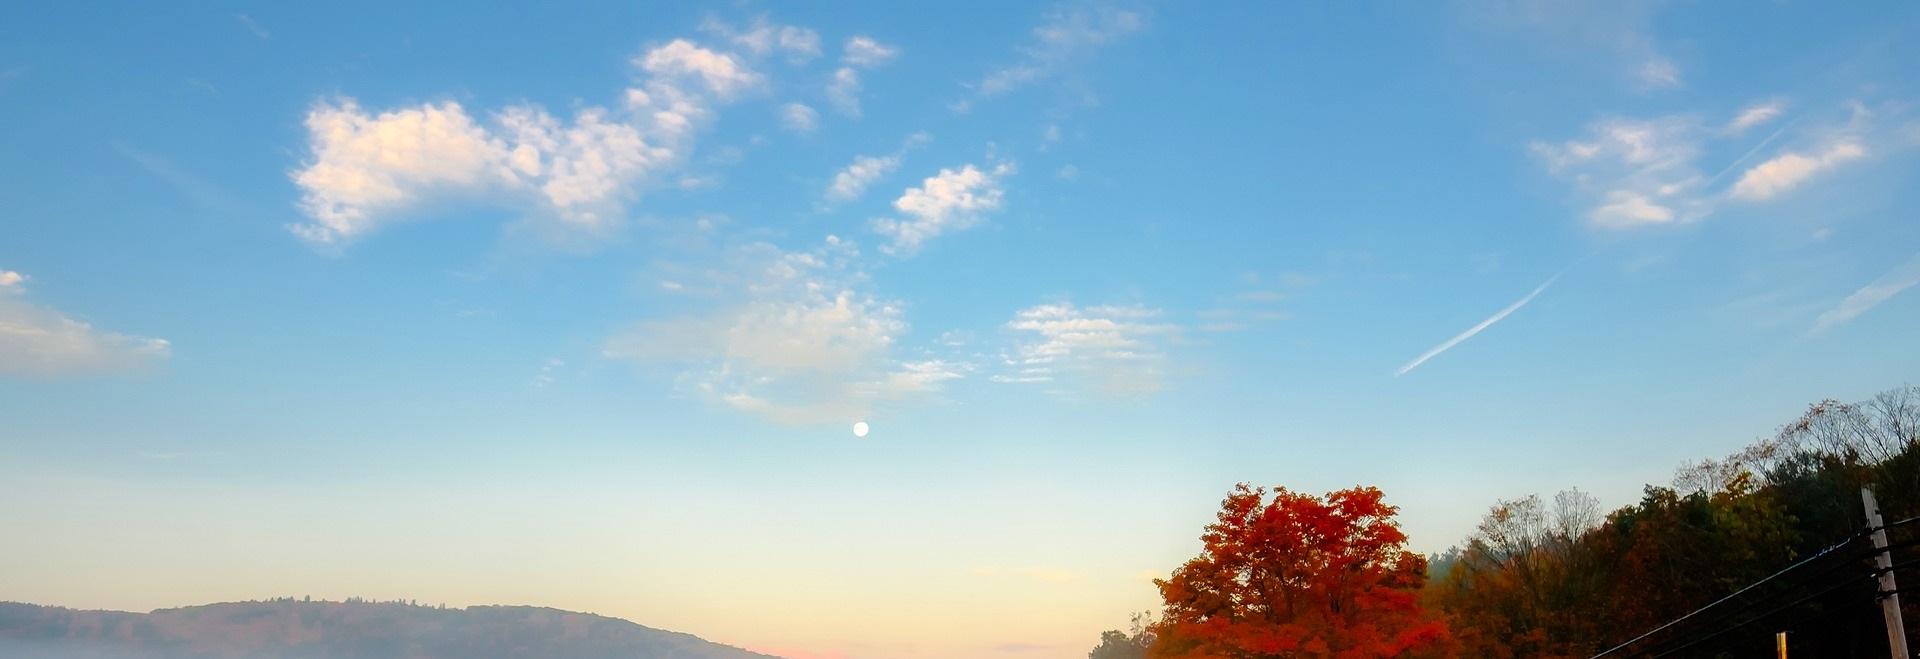 Blå himmel med några vita moln. I nederkanten syns bergskrön till vänster och ett höstfärgat träd till höger.